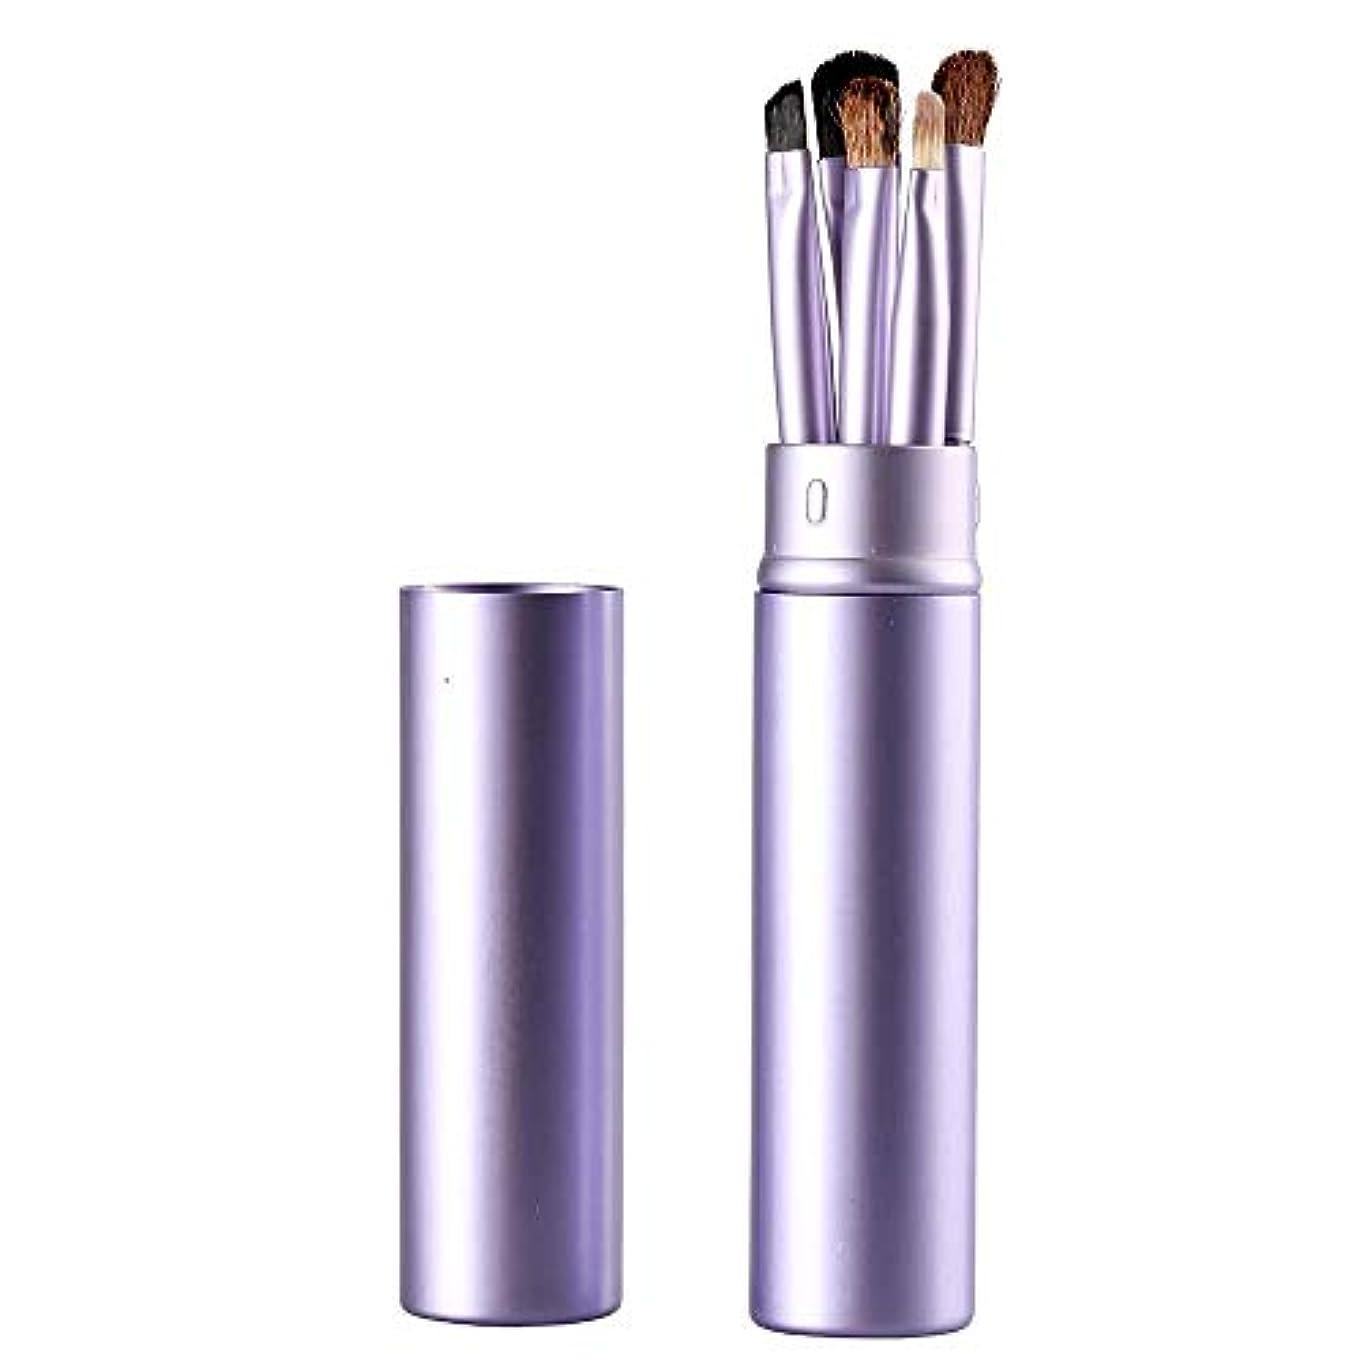 長いです誇張放射性Makeup brushes 紫色、アイメイクブラシセットブラシ5アイブラシメイクペン美容メイクツールで化粧チューブ保護 suits (Color : Purple)